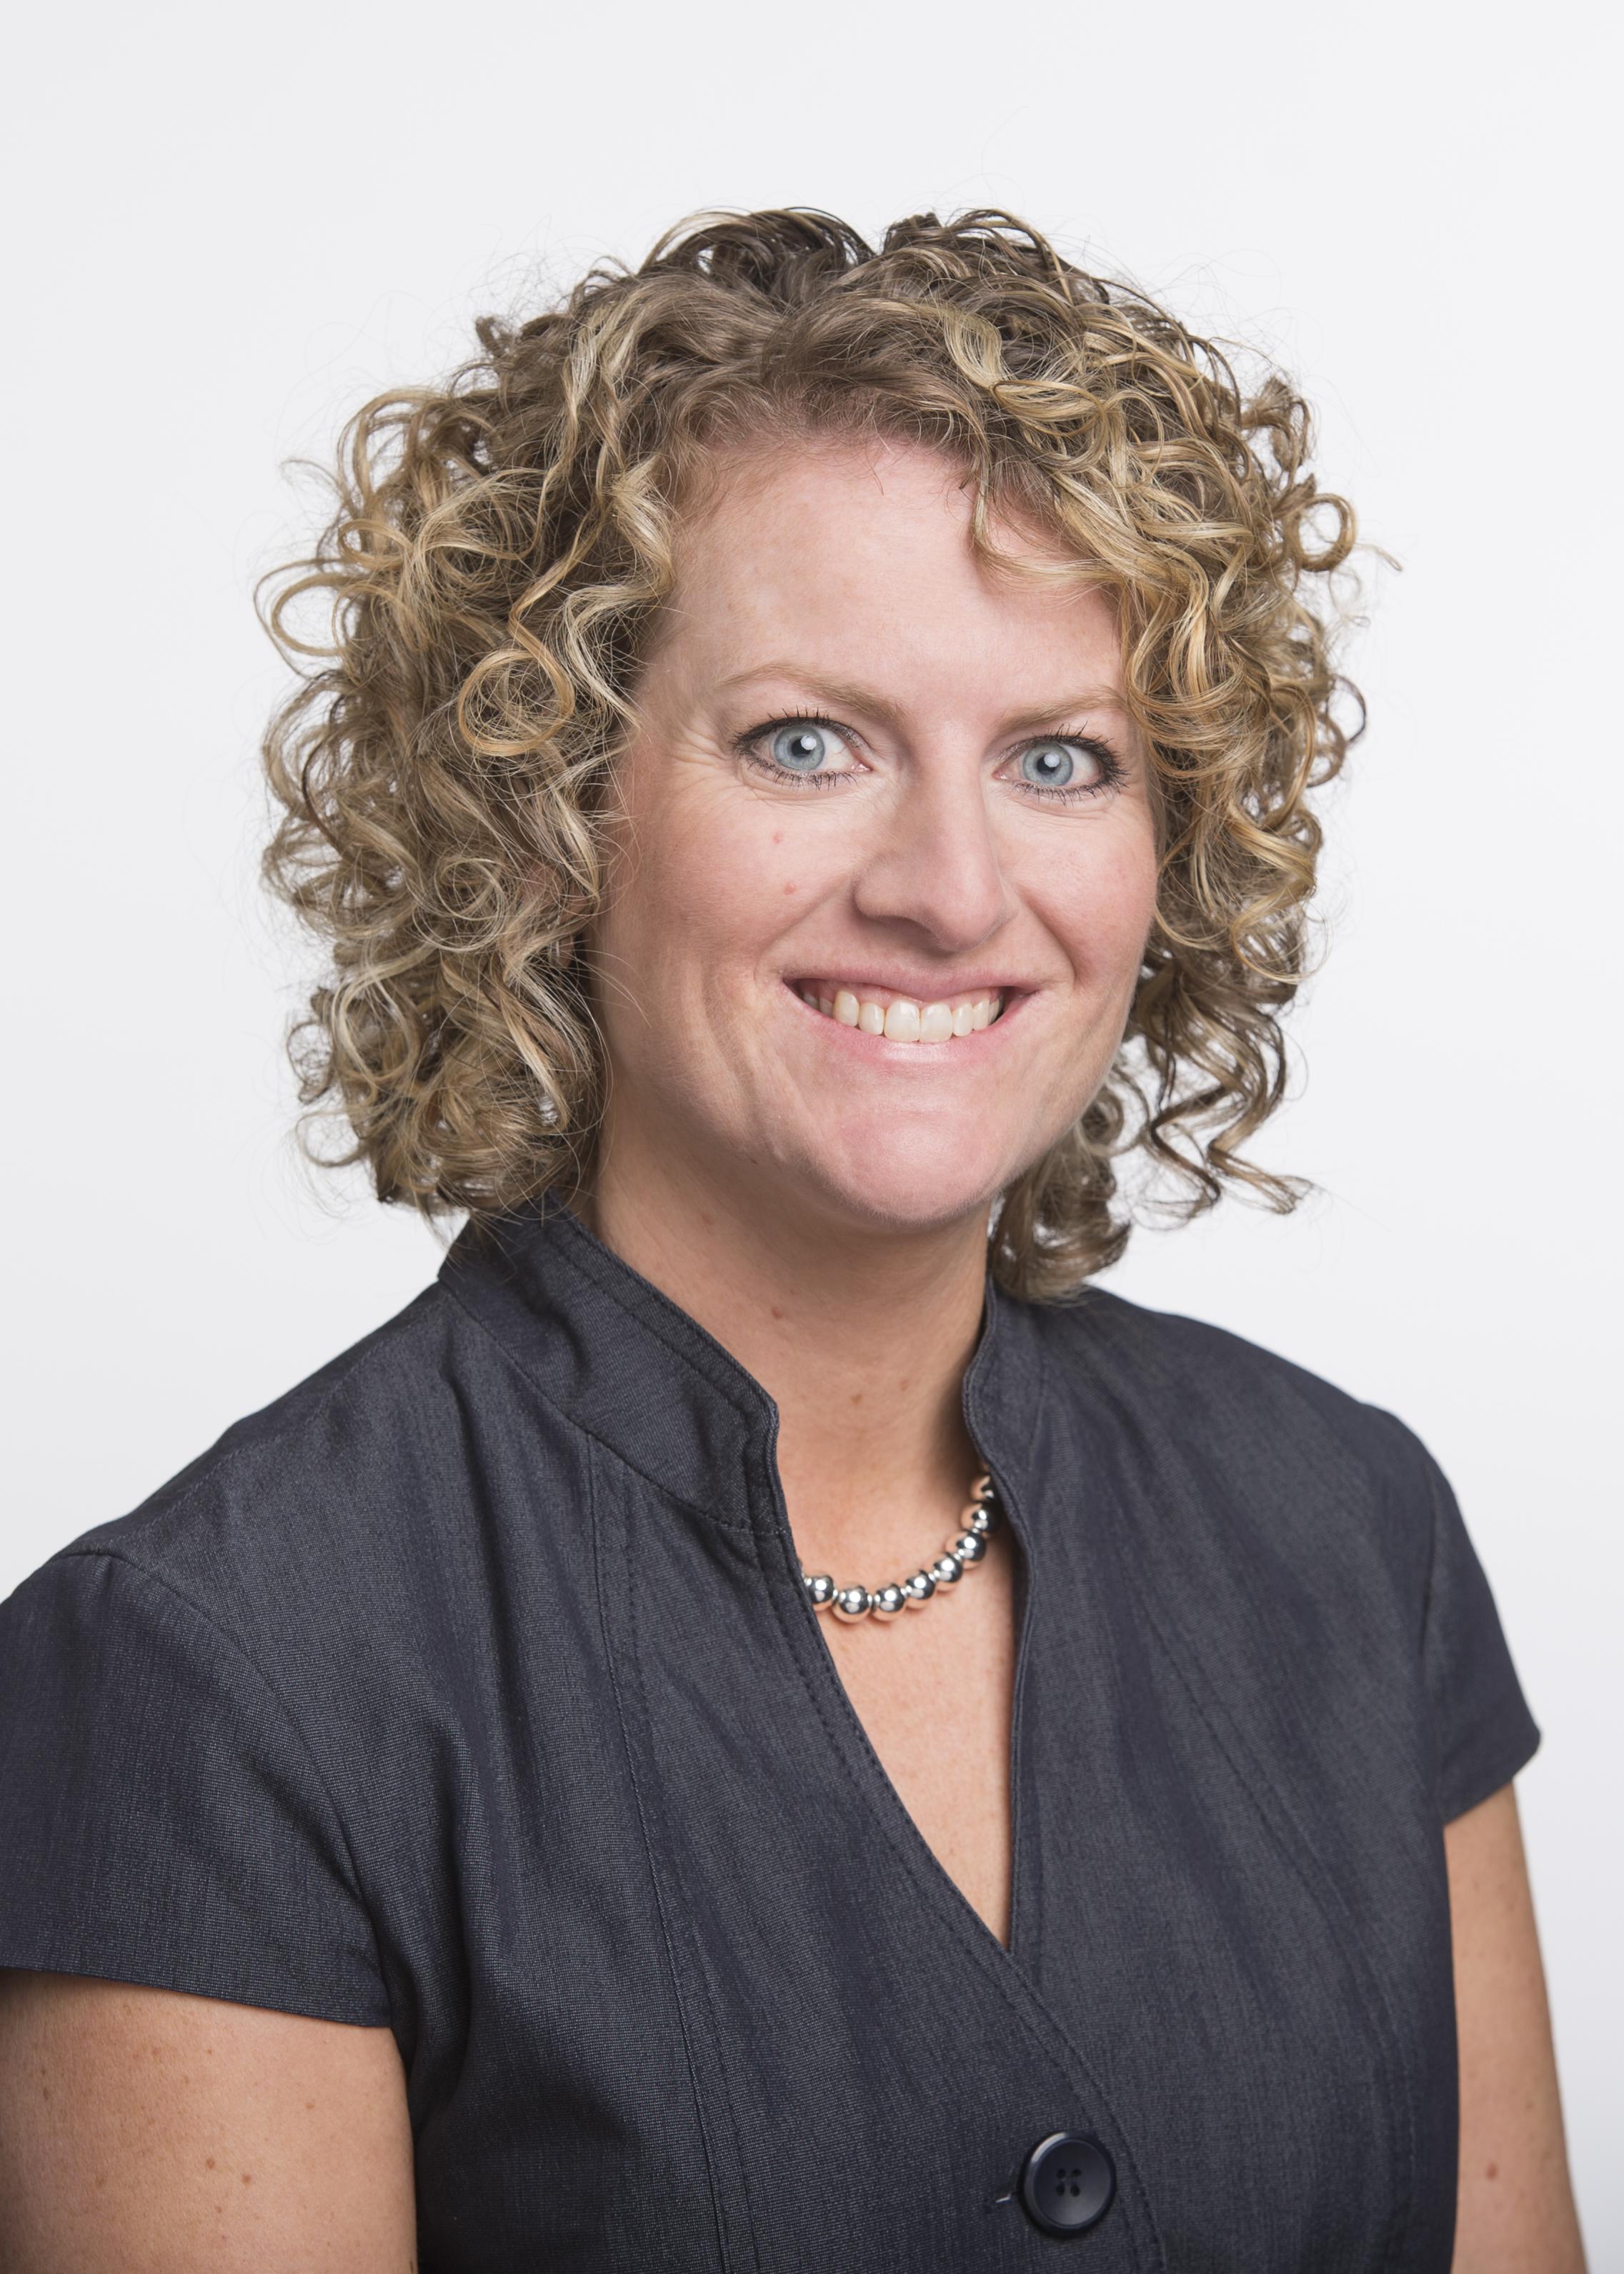 Julie_Courkamp headshot